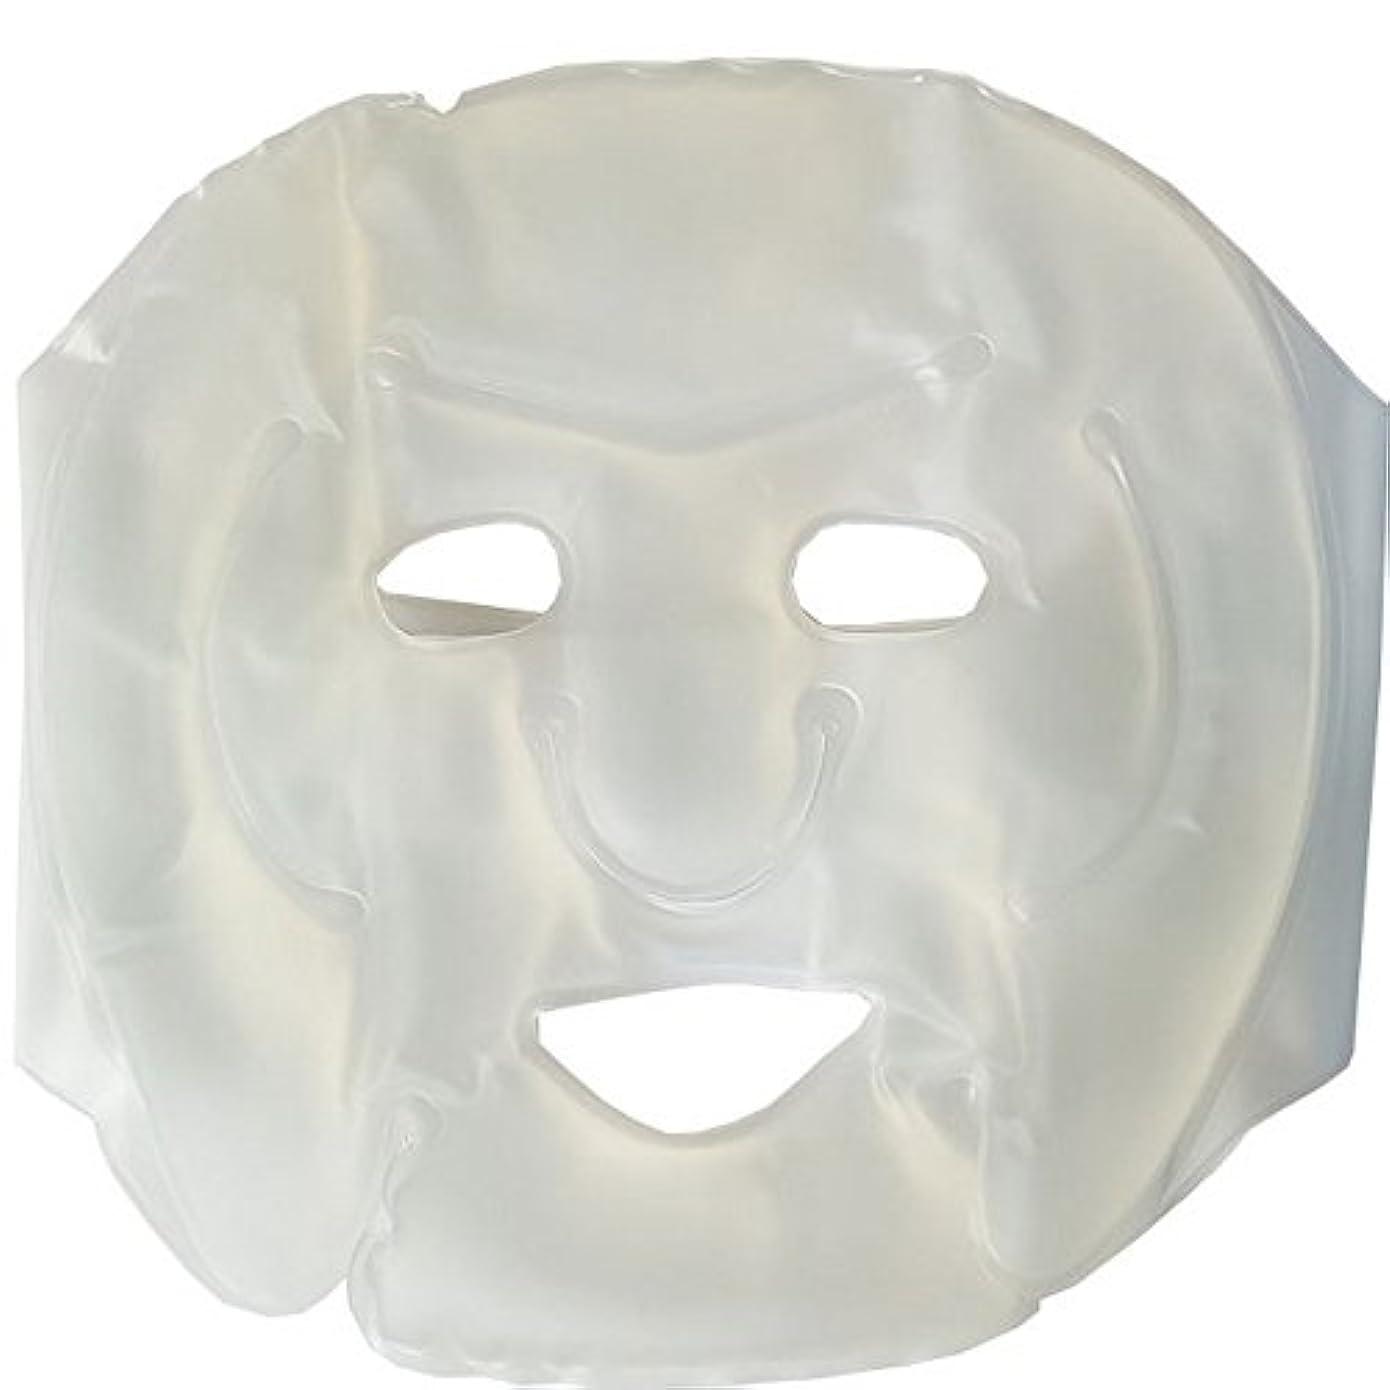 溢れんばかりの初心者猛烈なMDP 顔マッサージジェルマスク アイスジェルパック 冷却パック アイスマスク アイスパック レーザー後の鎮静に グリーン